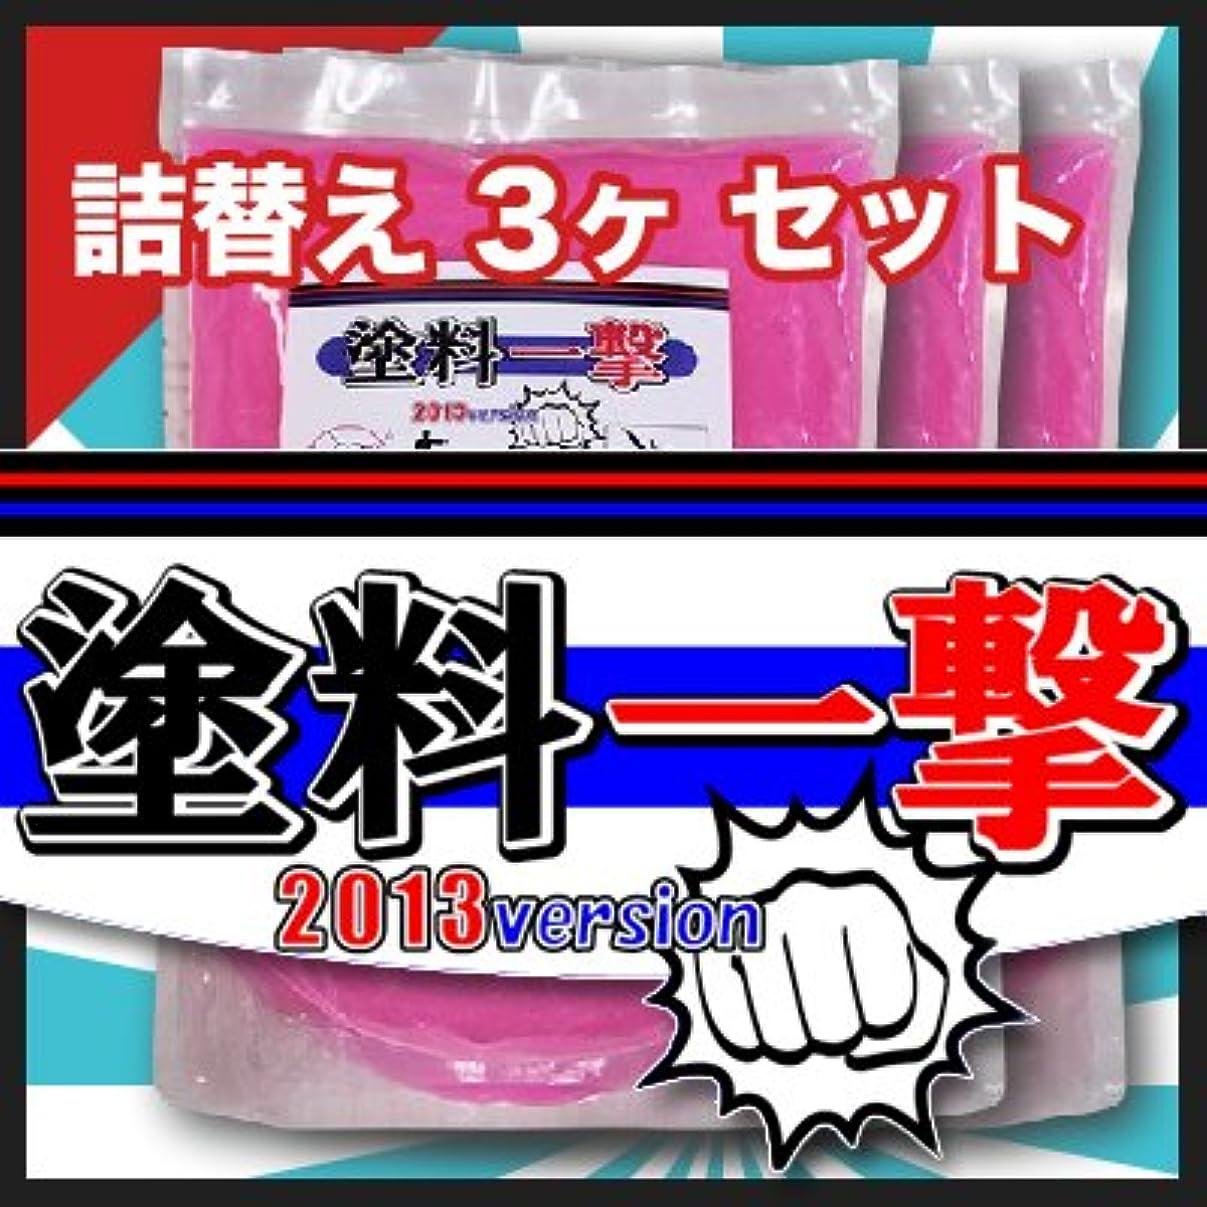 腸粘液神経D.Iプランニング 塗料一撃 2013 Version 詰替え (1.2kg x 3ヶ)